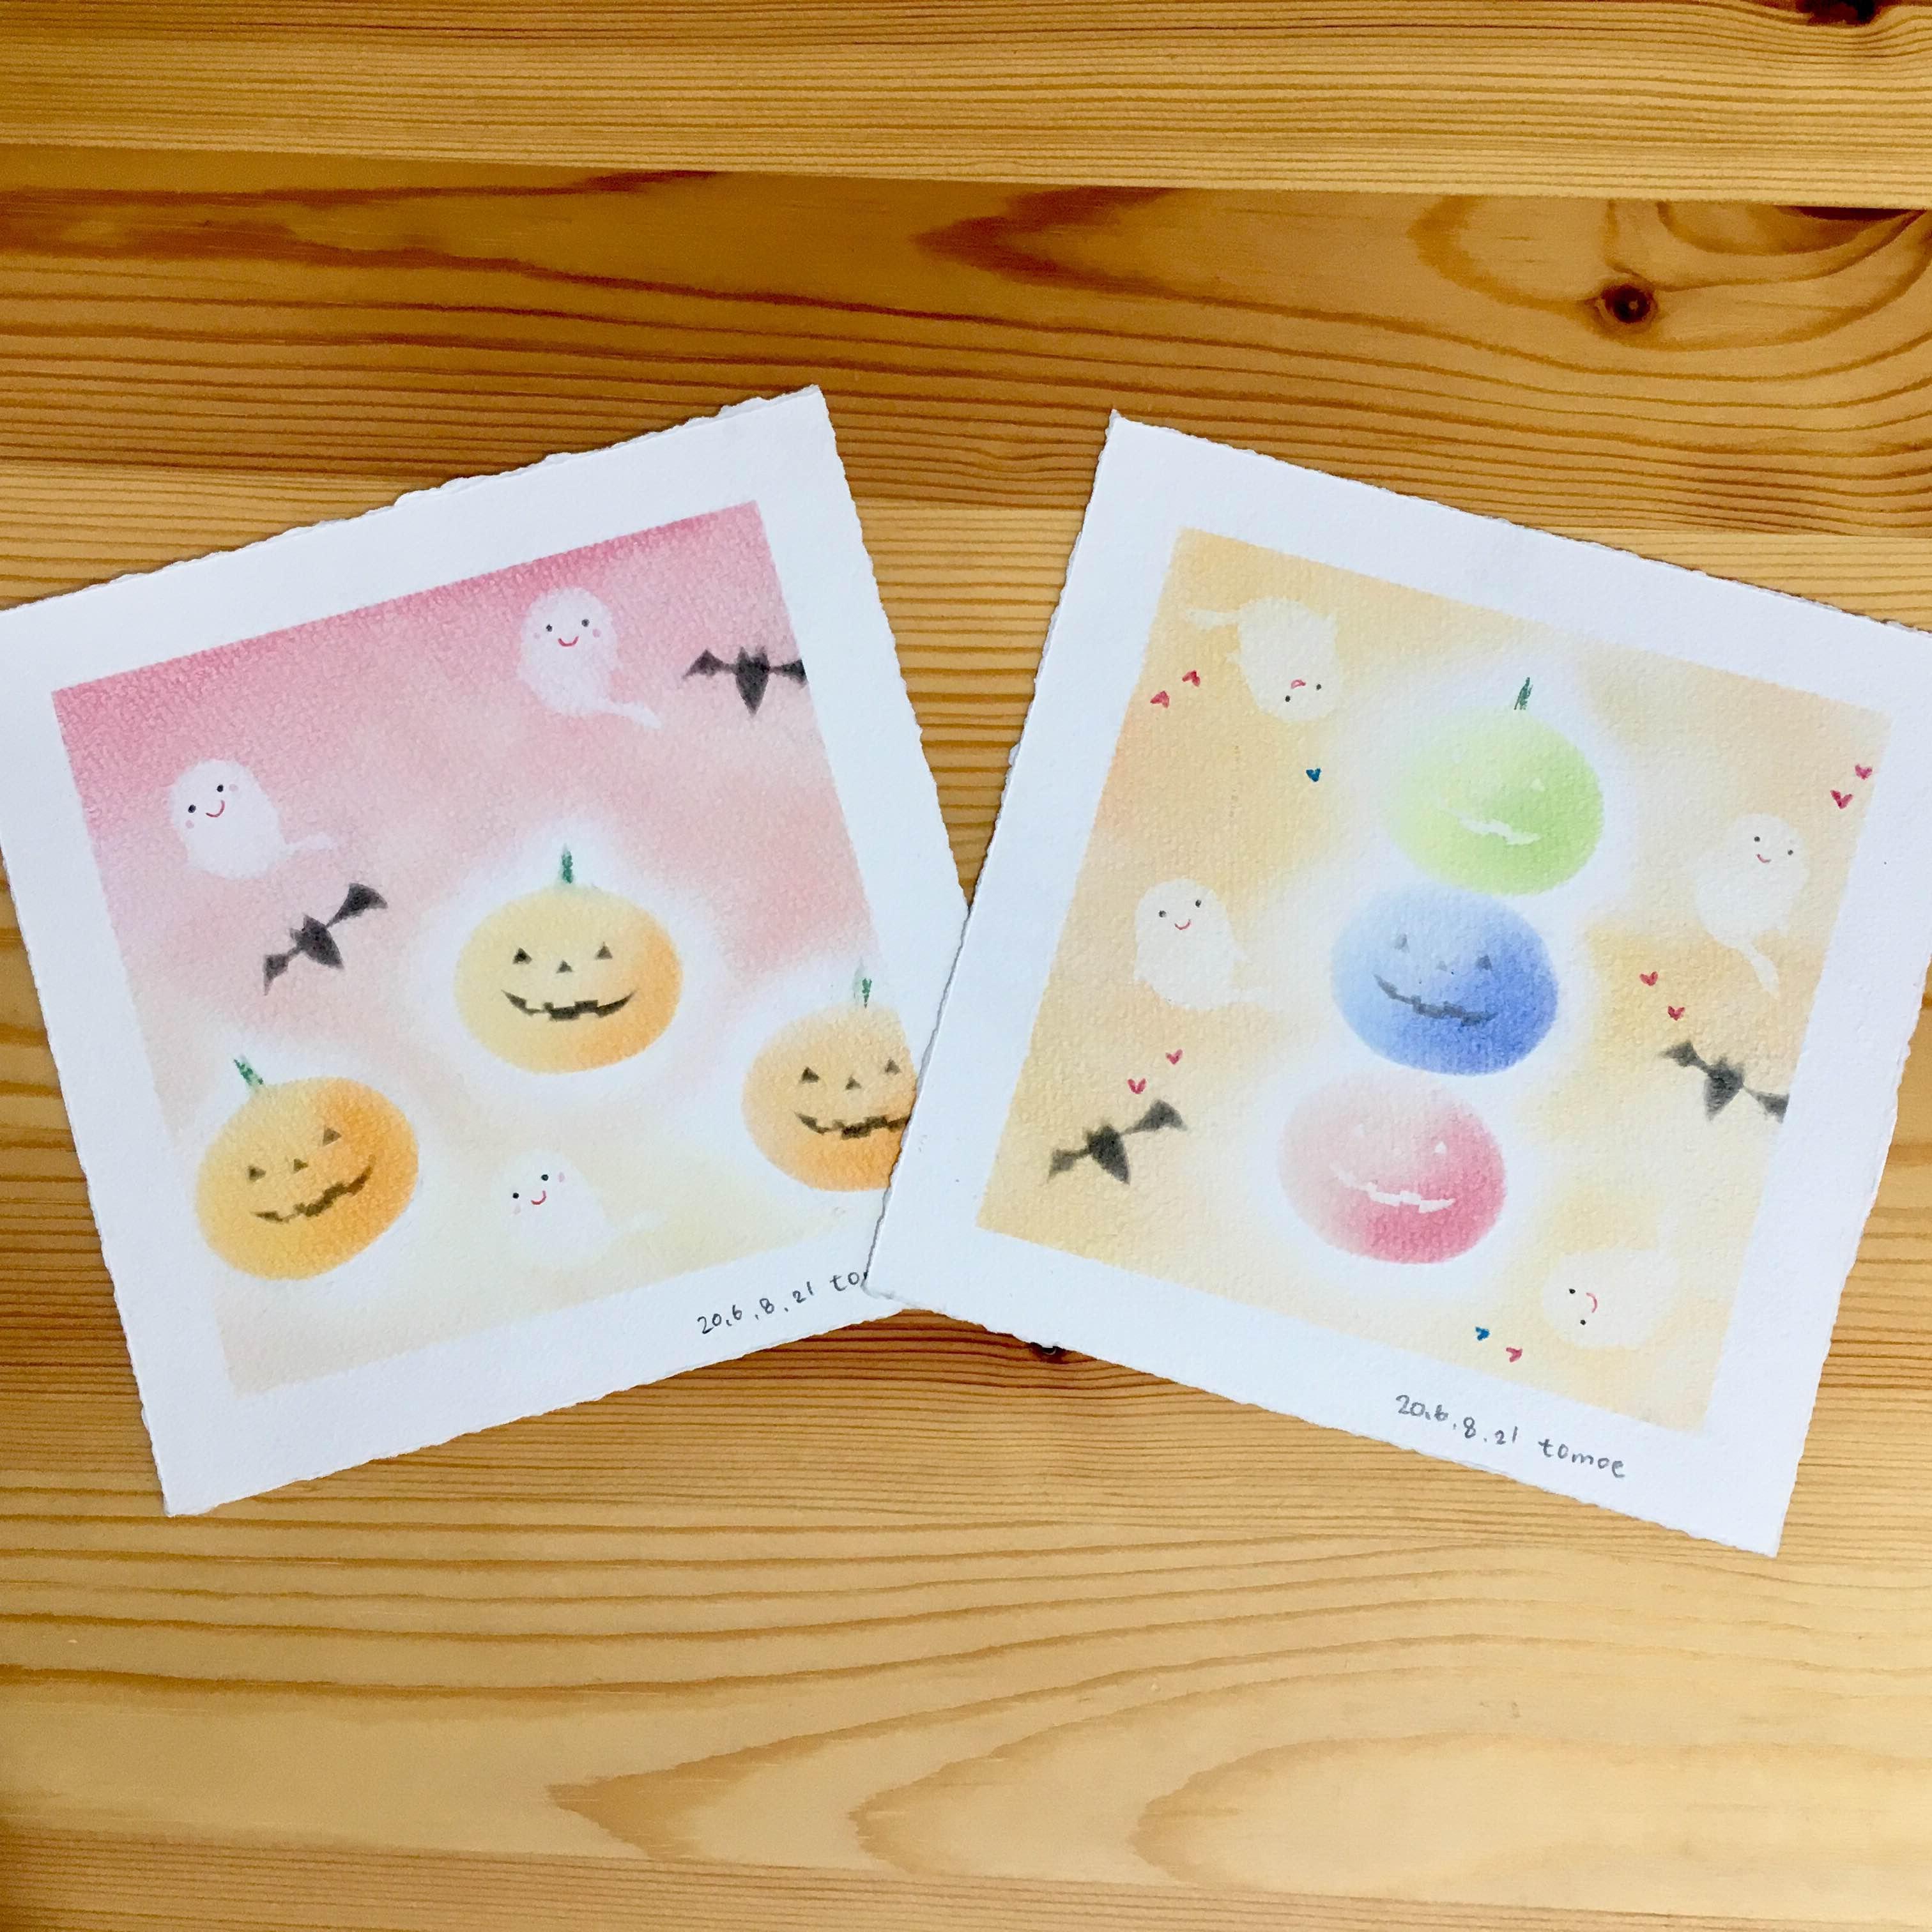 パステルアートで「ハロウィン」の絵を描こう!@吉祥寺アムリタ食堂3F